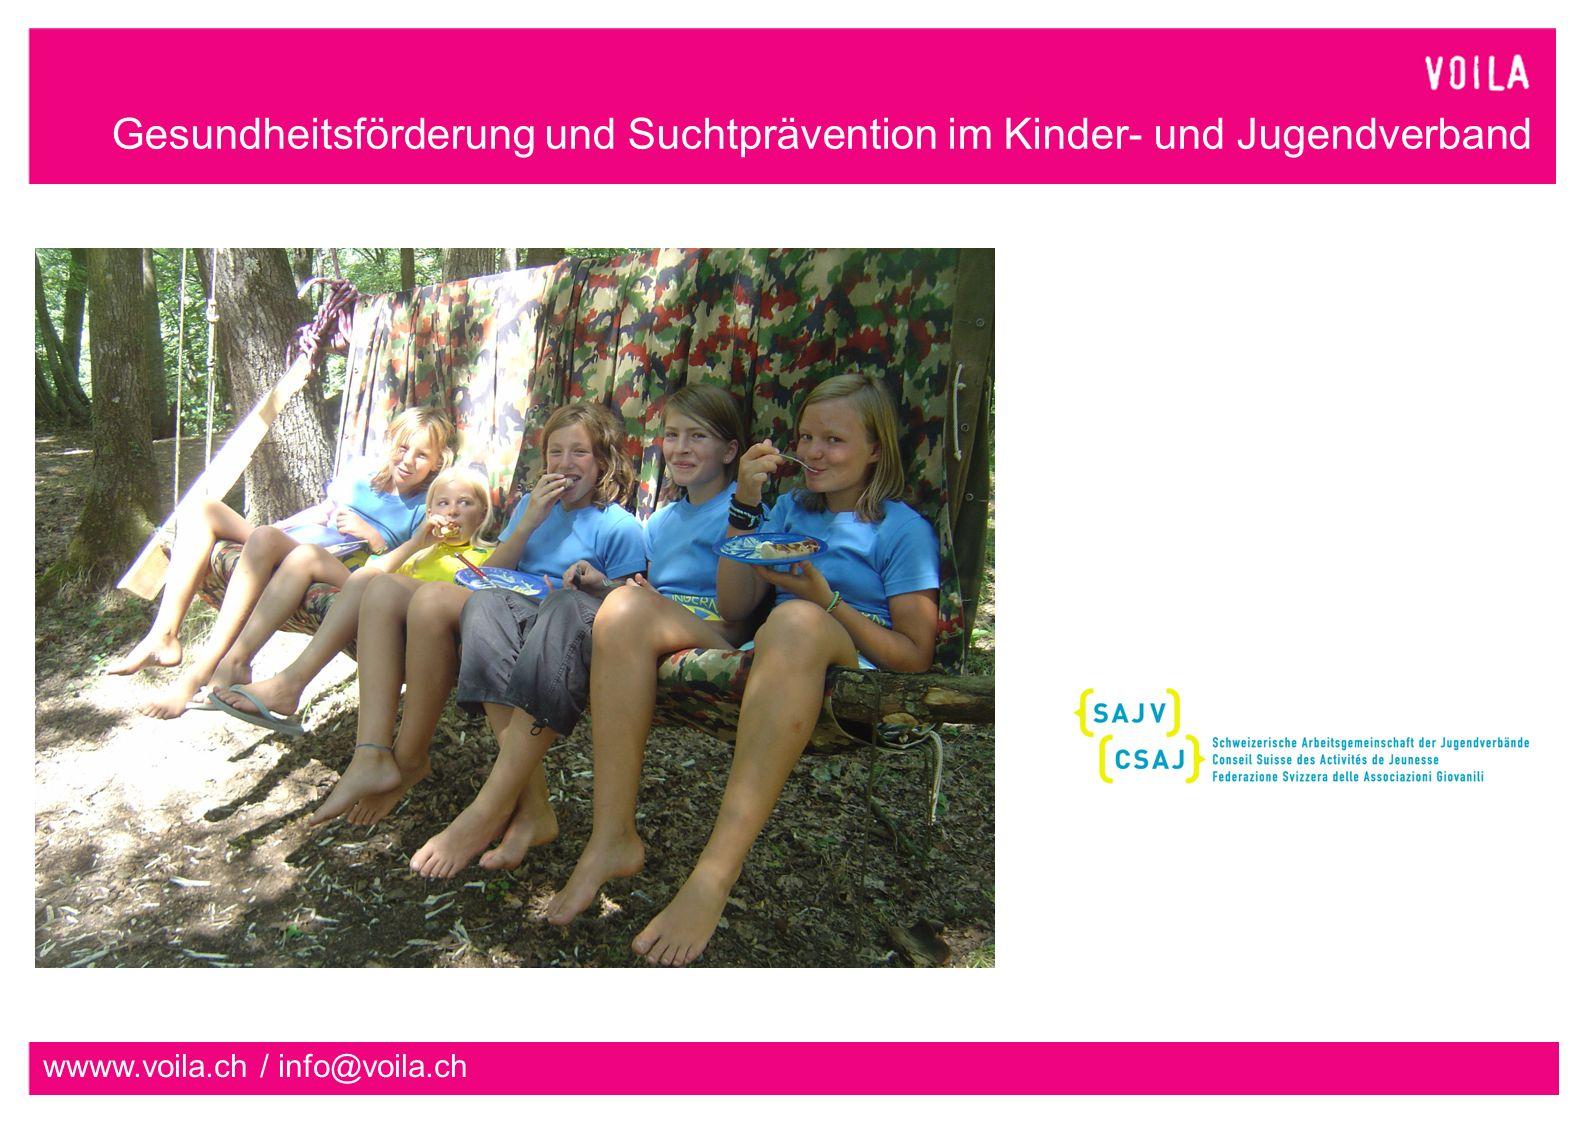 Gesundheitsförderung und Suchtprävention im Kinder- und Jugendverband wwww.voila.ch / info@voila.ch Voilà ist das Gesundheitsförderungs- und Suchtpräventionsprogramm der Kinder- und Jugendorganisationen der Schweiz ein Netzwerk von 15 kantonalen Teilprogrammen in 18 Kantonen ein Programm der Schweizerischen Arbeitsgemeinschaft der Jugendverbände SAJV